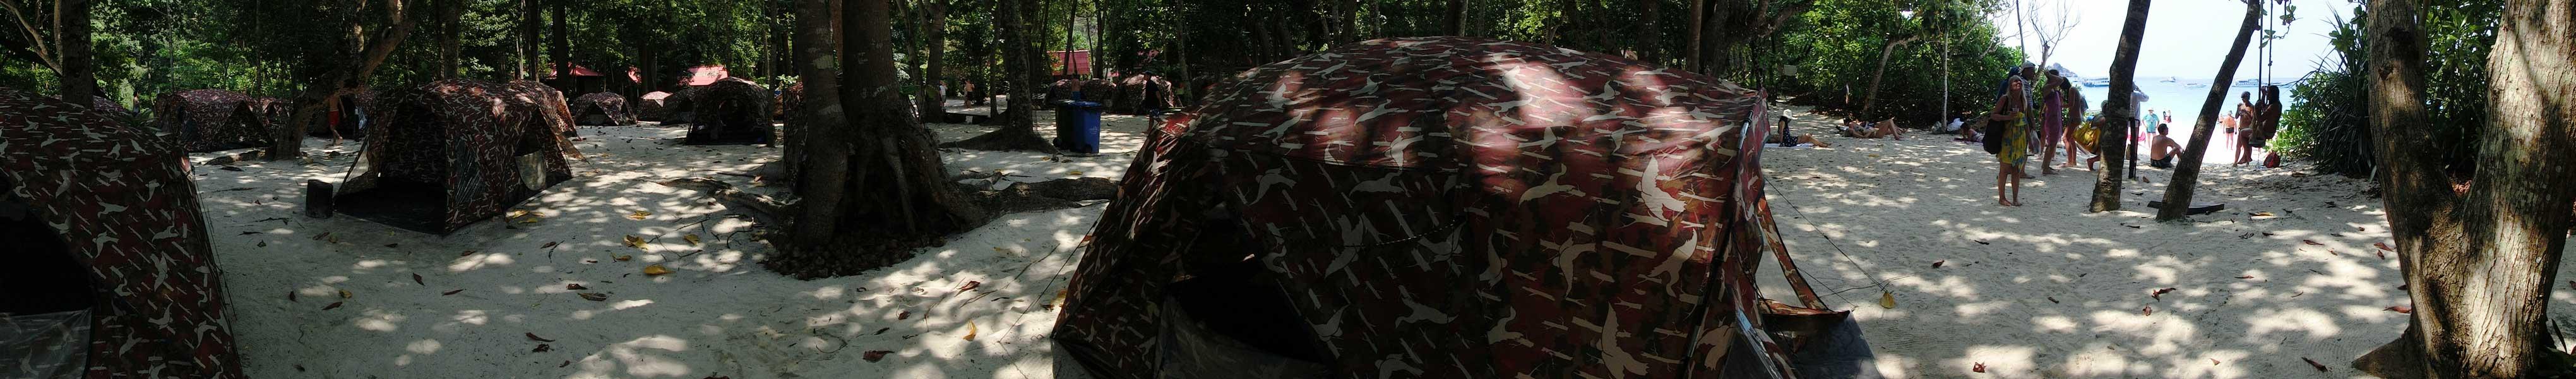 Camping auf Ko Miang